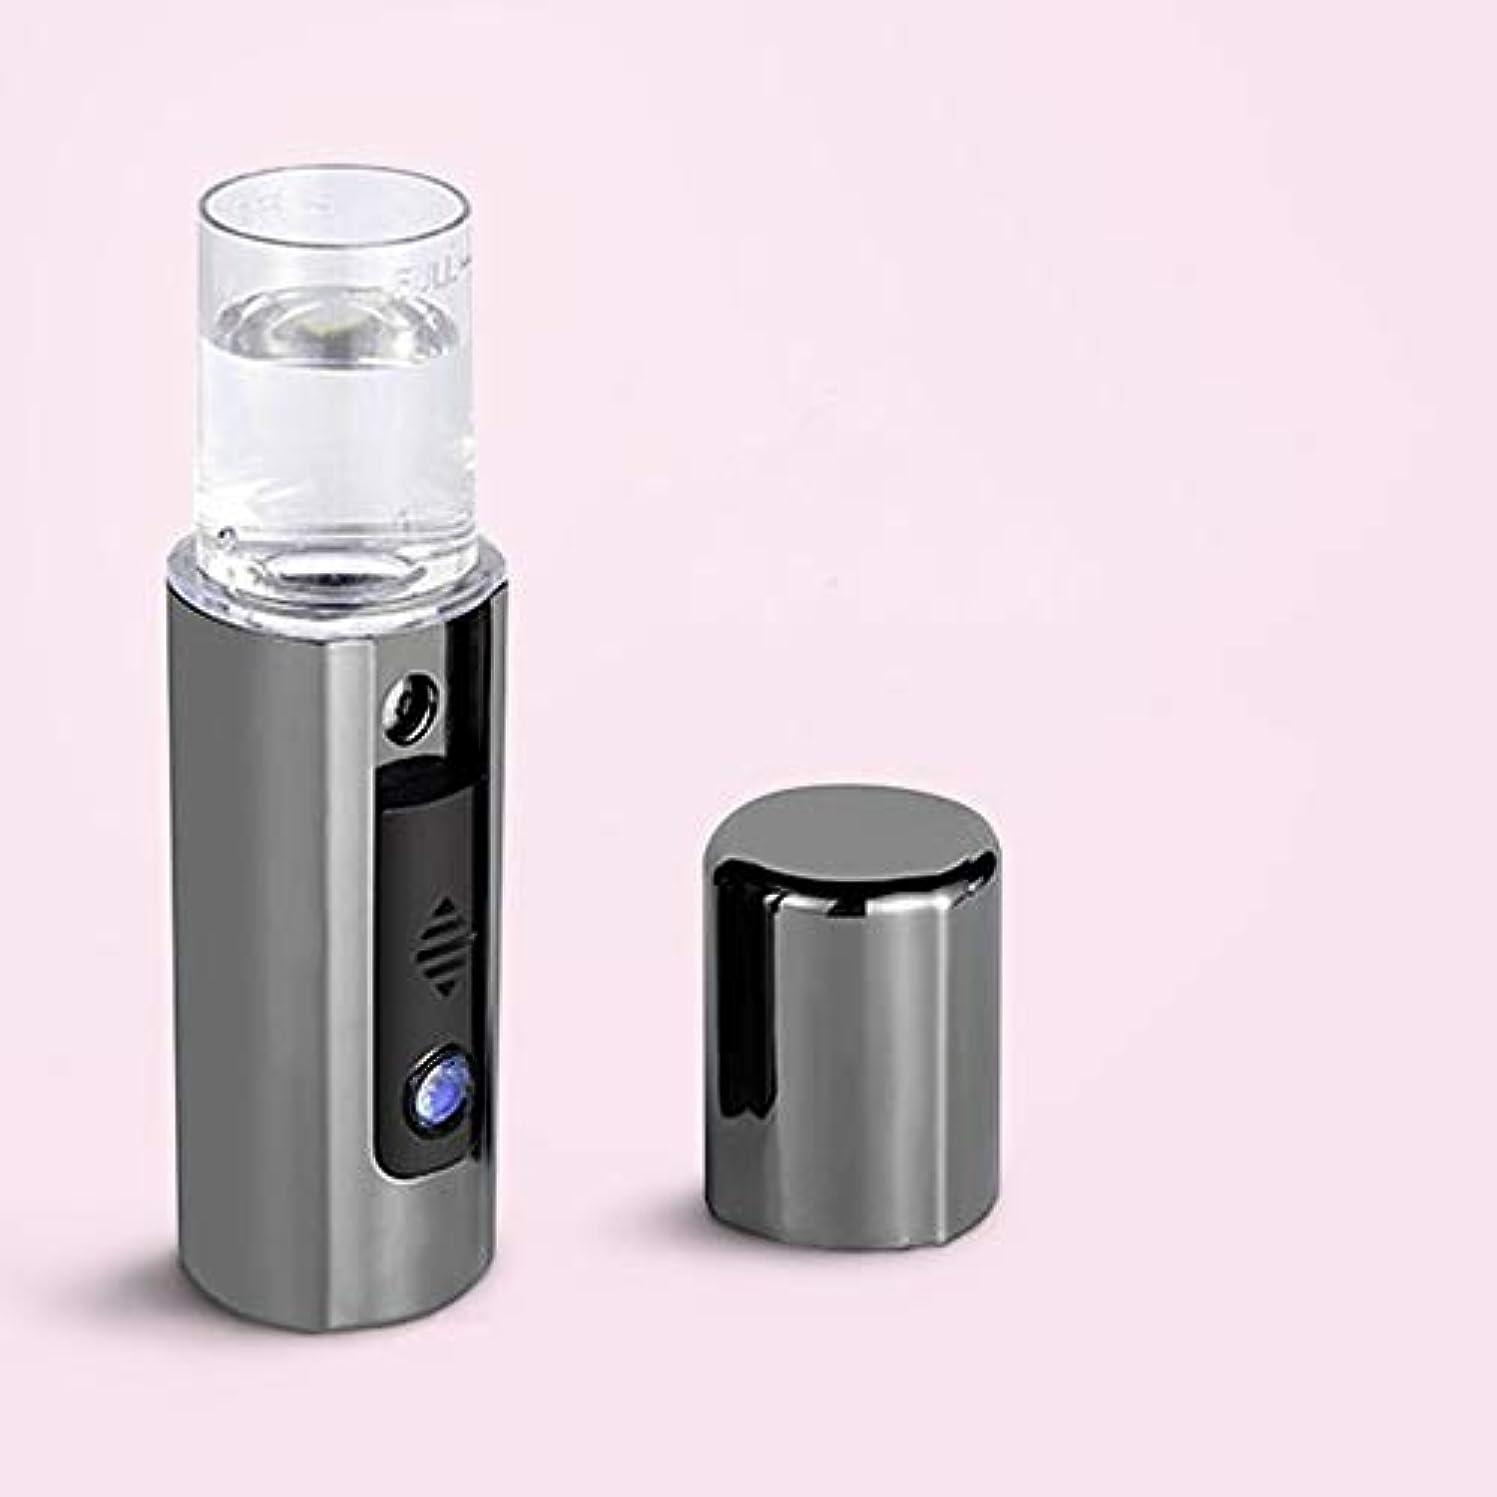 アクション城思い出すZXF ポータブルナノスプレー美容器具蒸し顔ポータブルフェイシャルコールドスプレー器具保湿水道メーター 滑らかである (色 : Black)